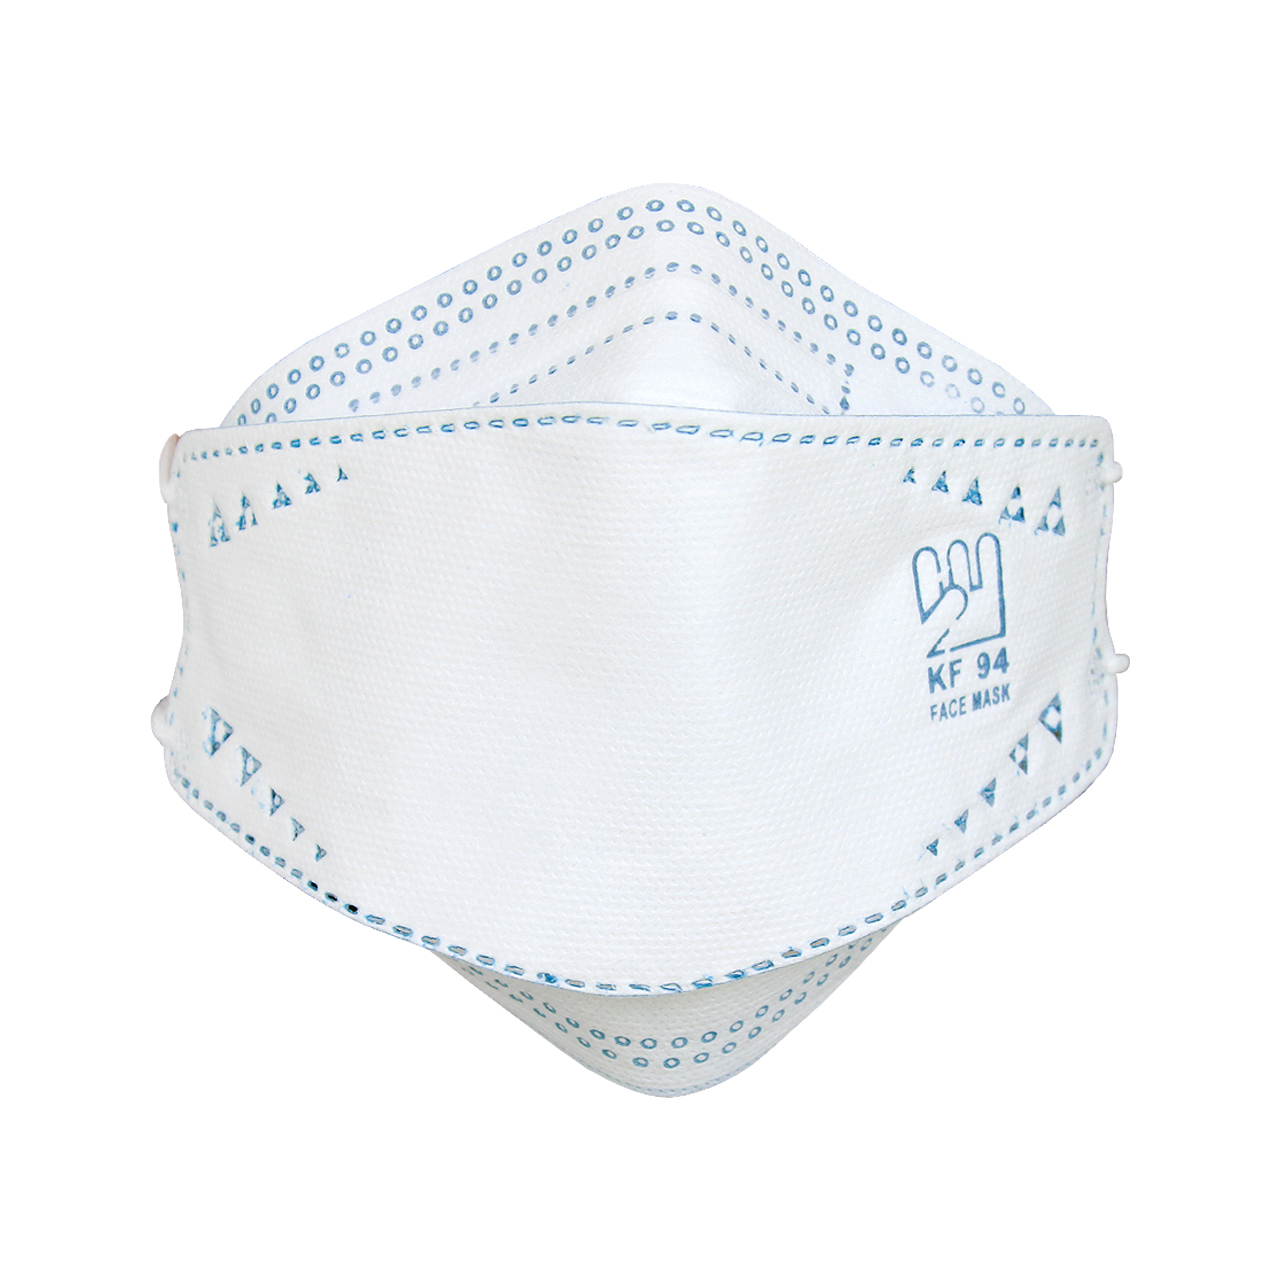 ماسک تنفسی بهسا مدل 3D-BSA-25-Blu بسته 25 عددی